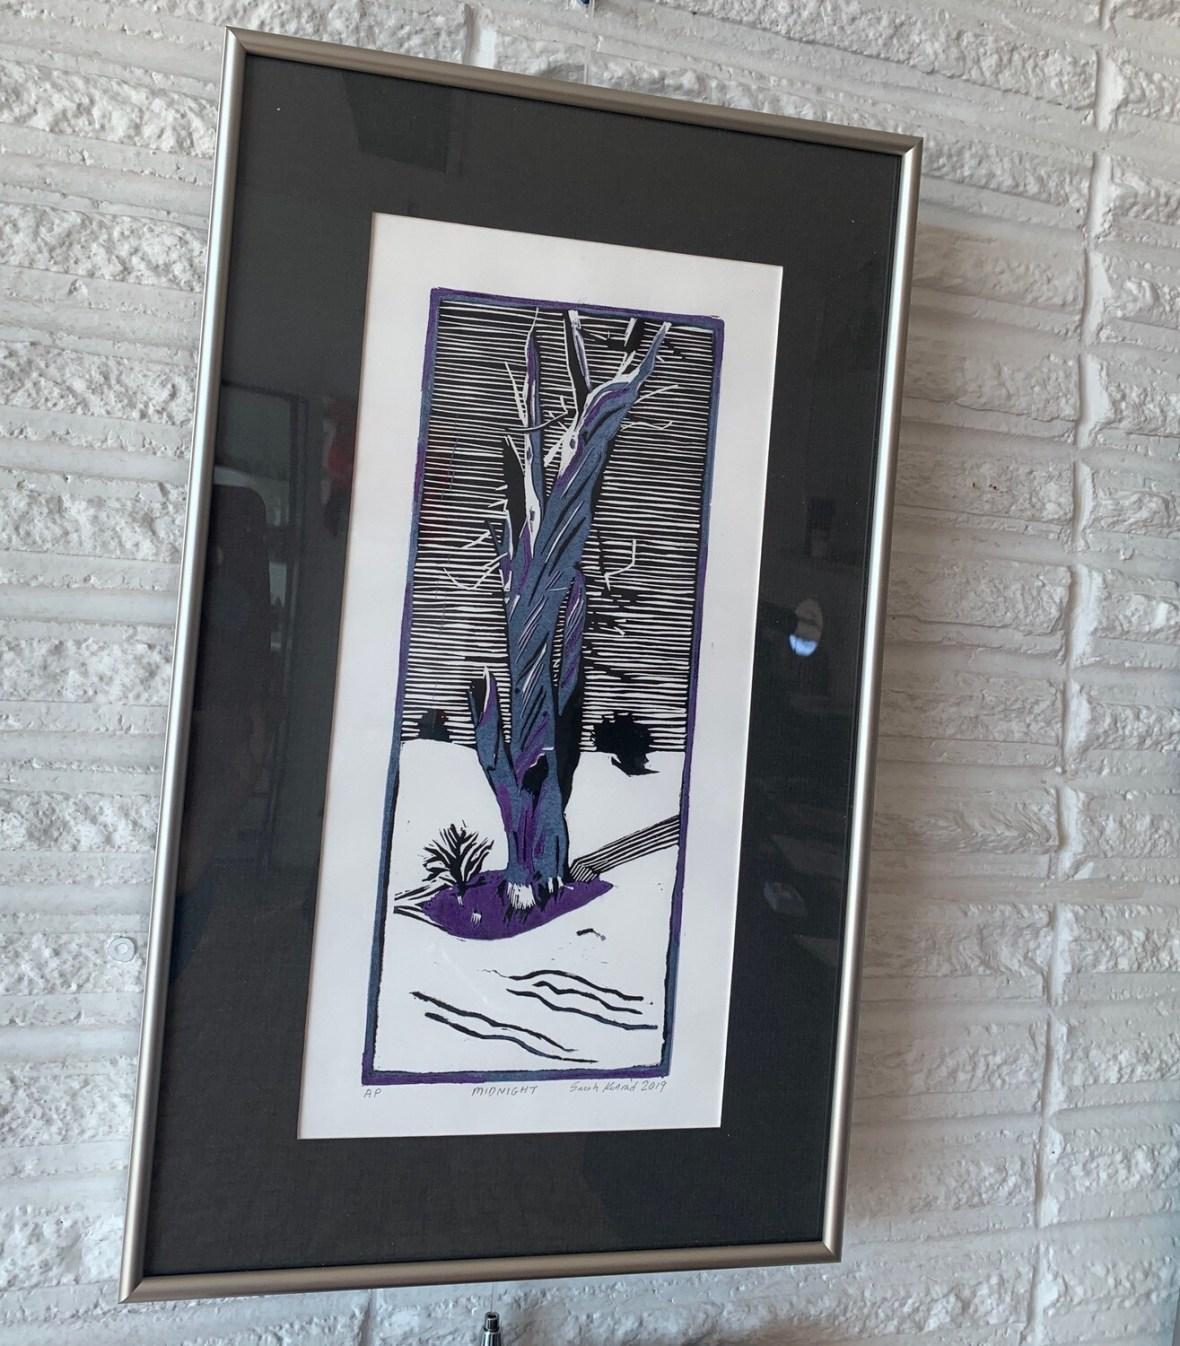 Midnight (linoleum cut print) by Sarah Konrad